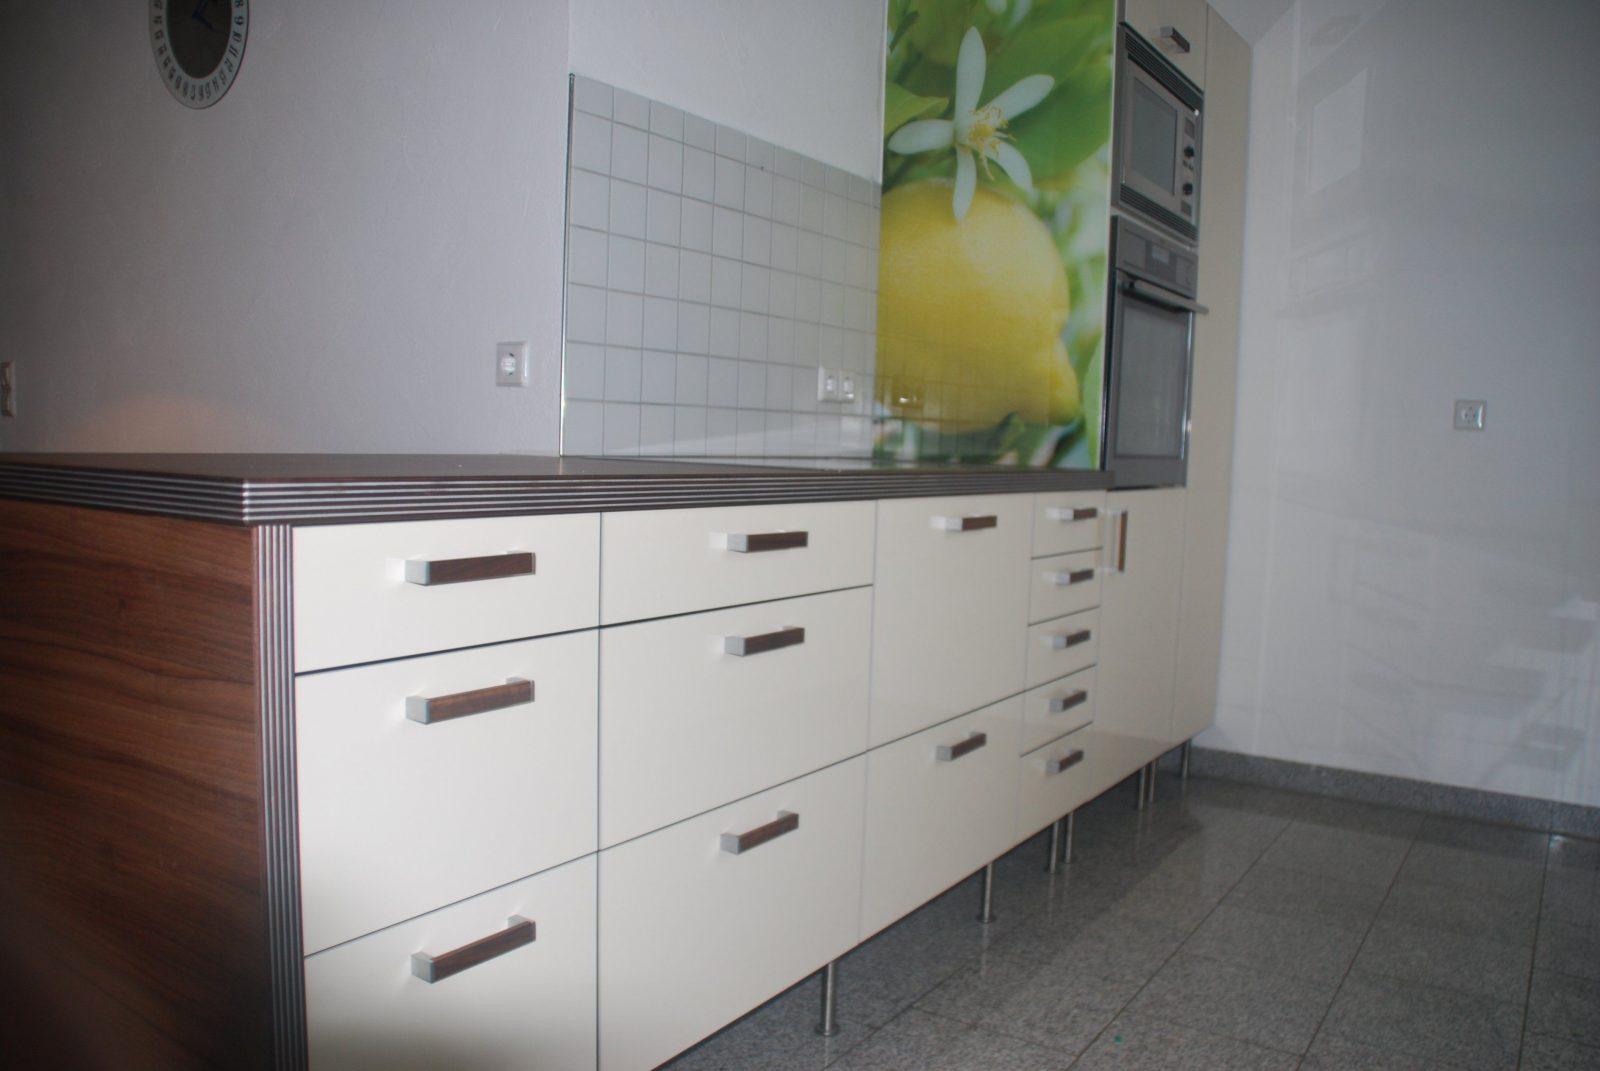 Neue Küchenfronten In Hochglanz Auf Ikea Küche  Küchenfront 24 von Ikea Küche Ohne Griffe Photo